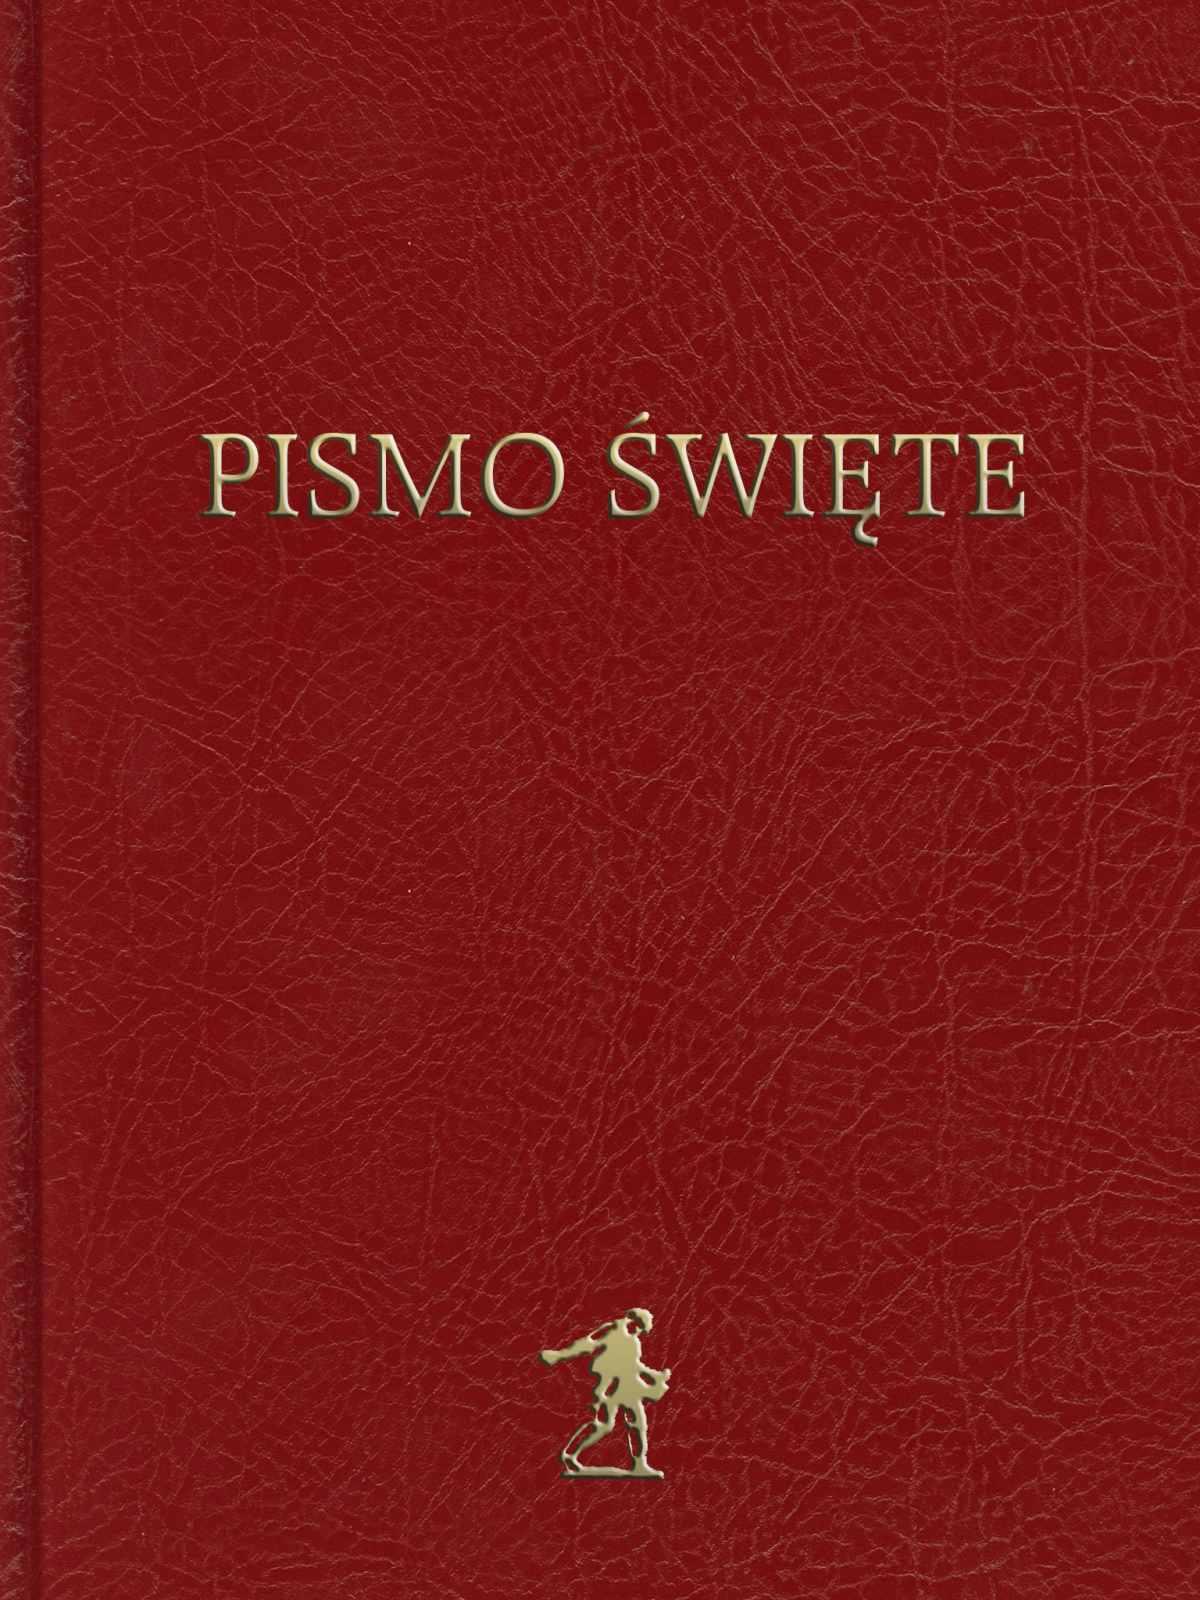 Biblia: Pismo Święte Starego i Nowego Testamentu (Biblia Warszawska) - Ebook (Książka na Kindle) do pobrania w formacie MOBI